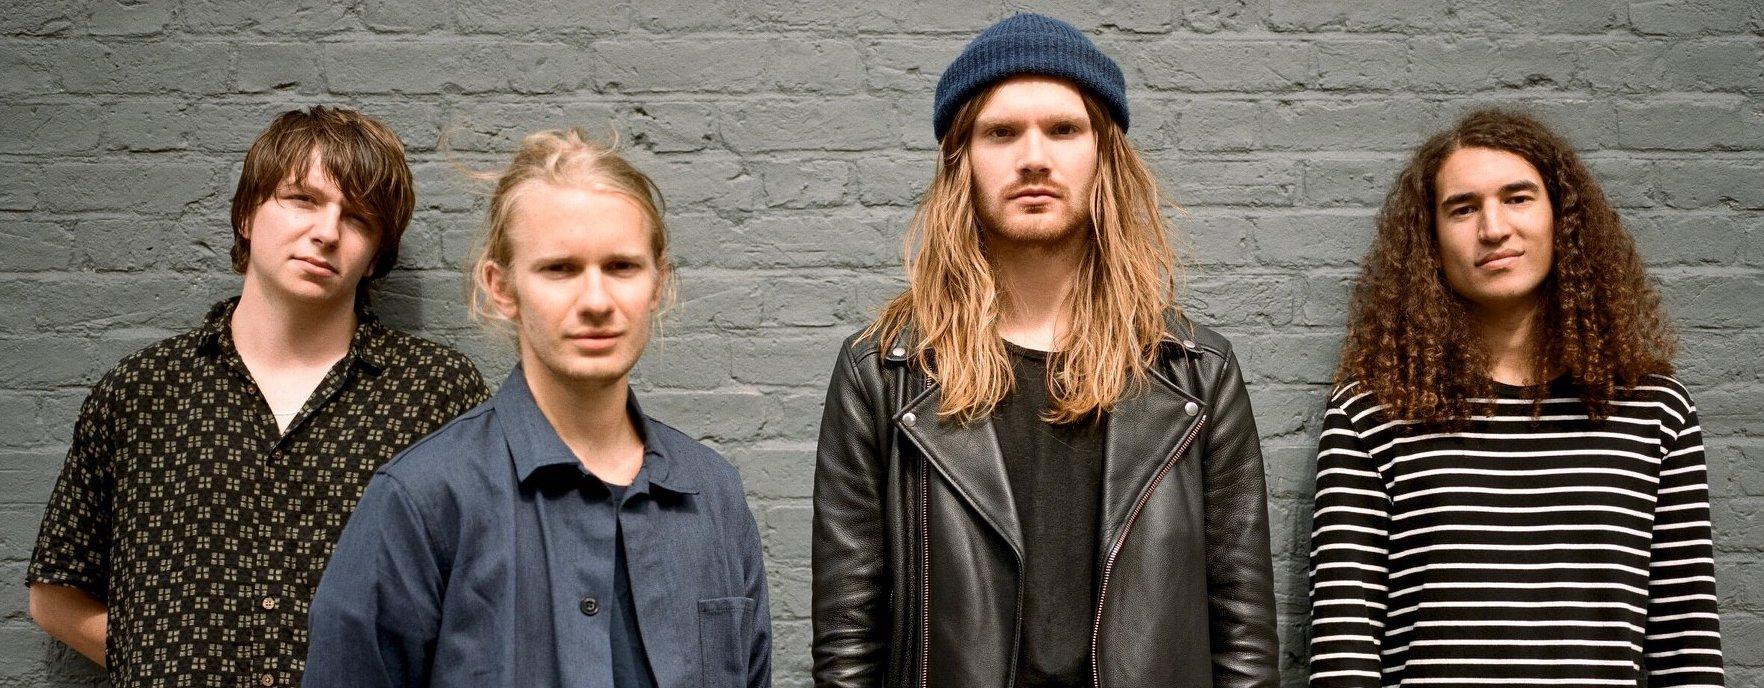 """Überzeugender Alternativ-Rock aus UK London: ISLAND mit ihrem Debüt-Album """"Feels Like Air"""""""